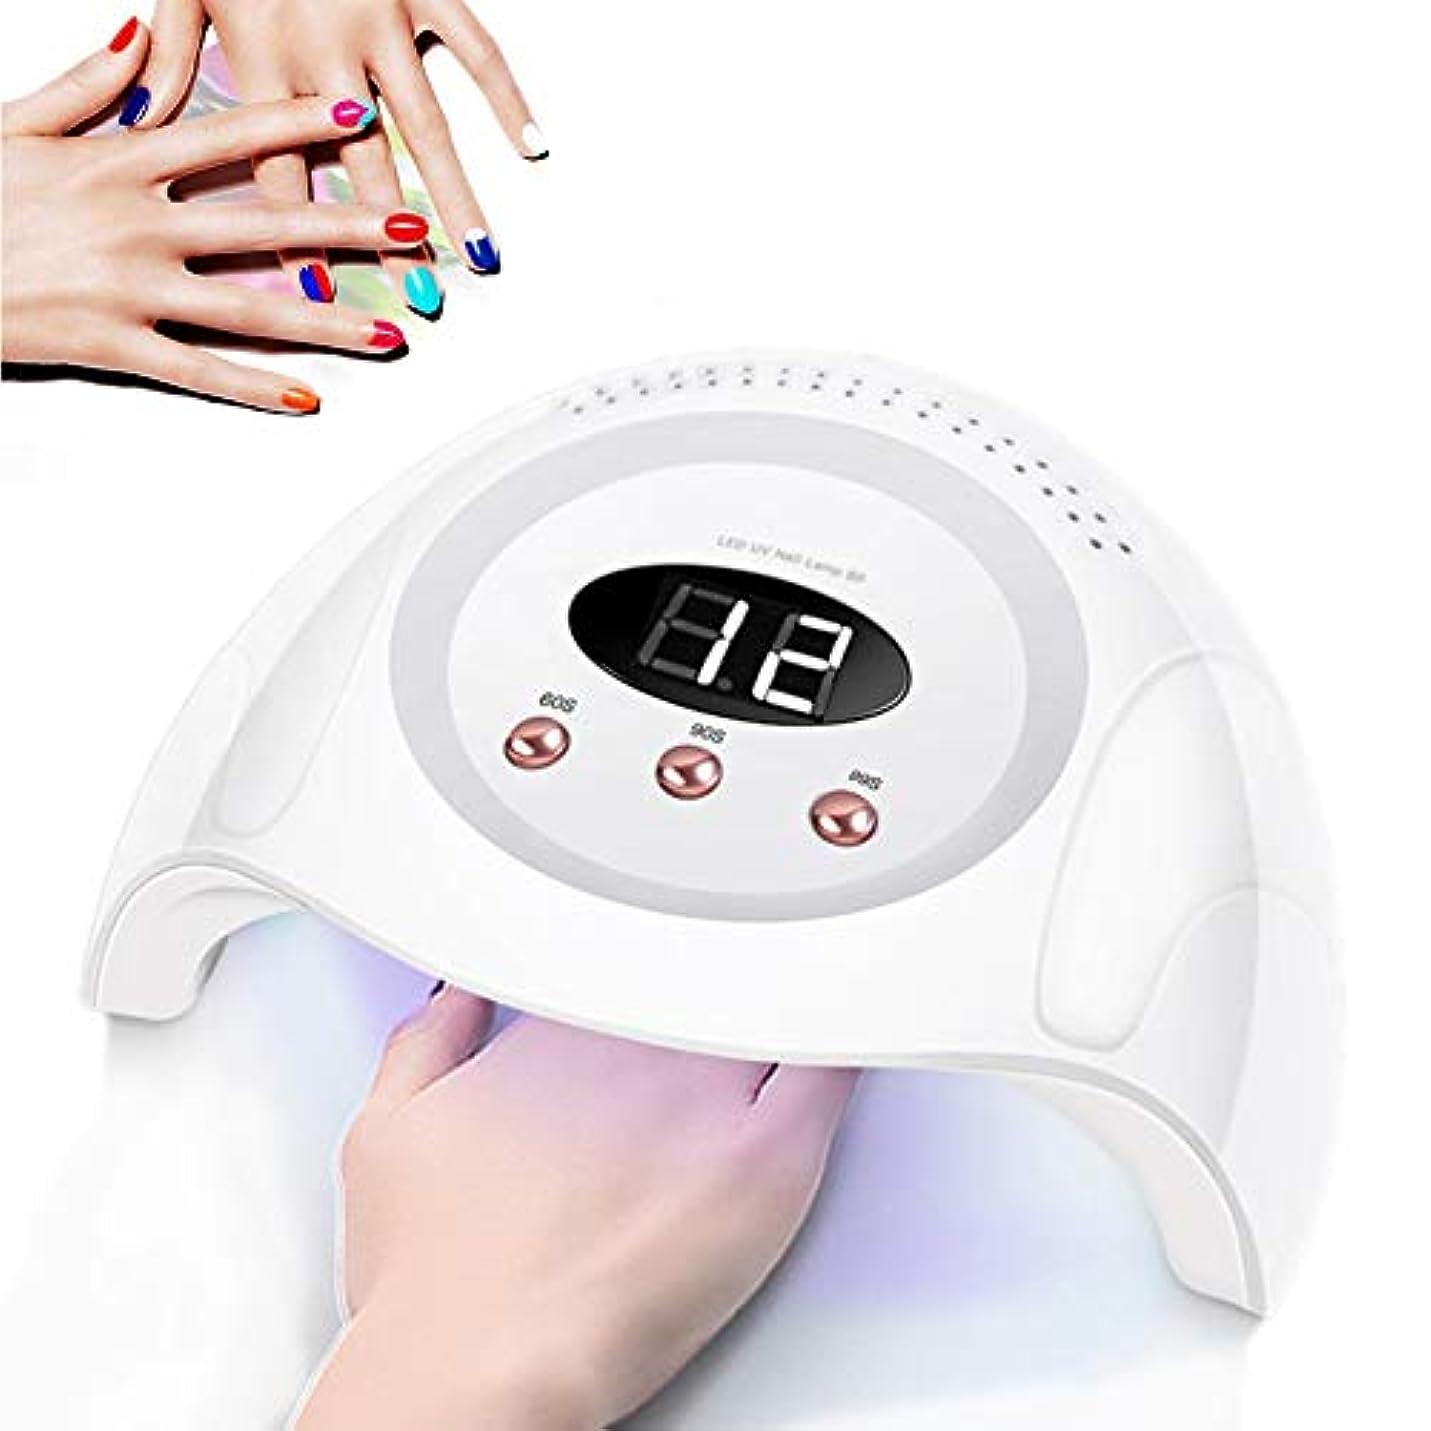 それぎこちないその間専門LEDの紫外線ゲルの釘ライト、紫外線ゲル/ゲルのマニキュアのための30のLEDのビード/センサー/ 3つのタイマーが付いている90Wマニキュアのドライヤーライト治癒ライト